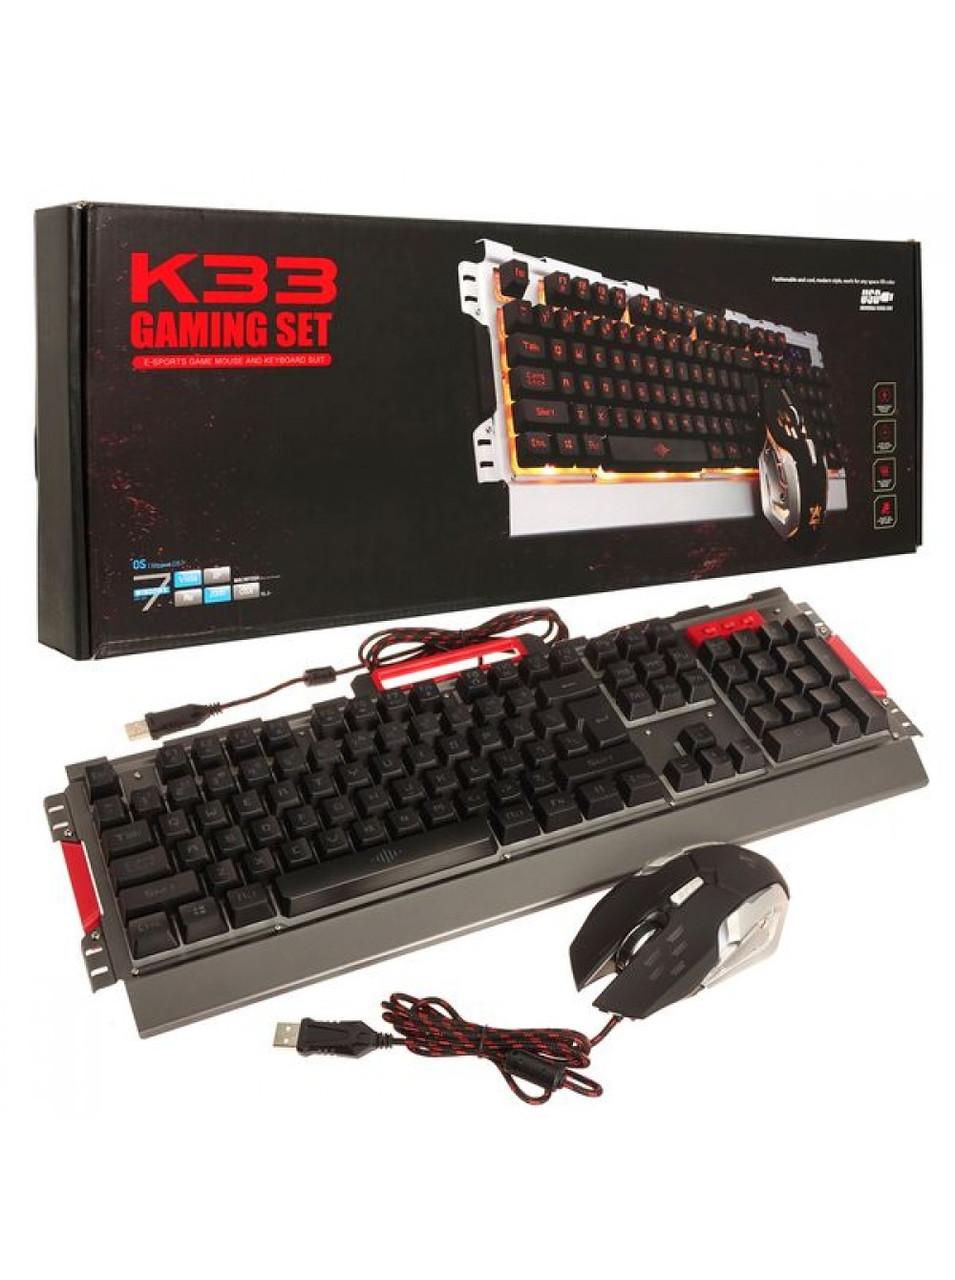 Комп'ютерна ігрова клавіатура KEYBOARD K33 з підсвічуванням і Мишкою